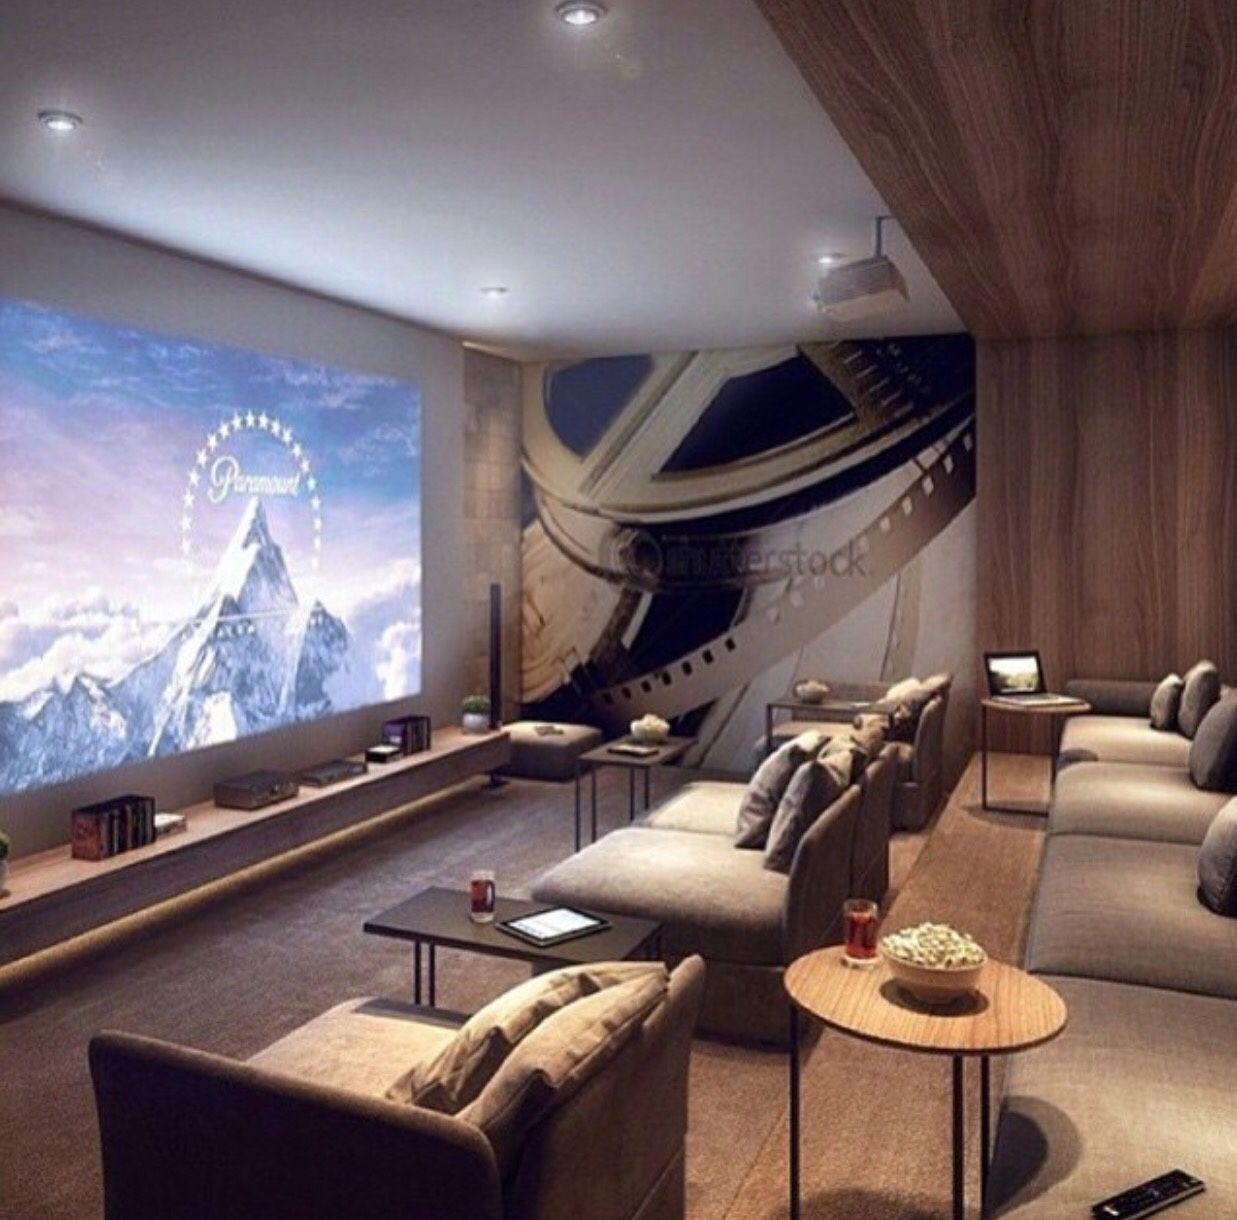 Theater Room Decor Ideas Pinterest Media D On Old: Big Dreams & Luxury Taste